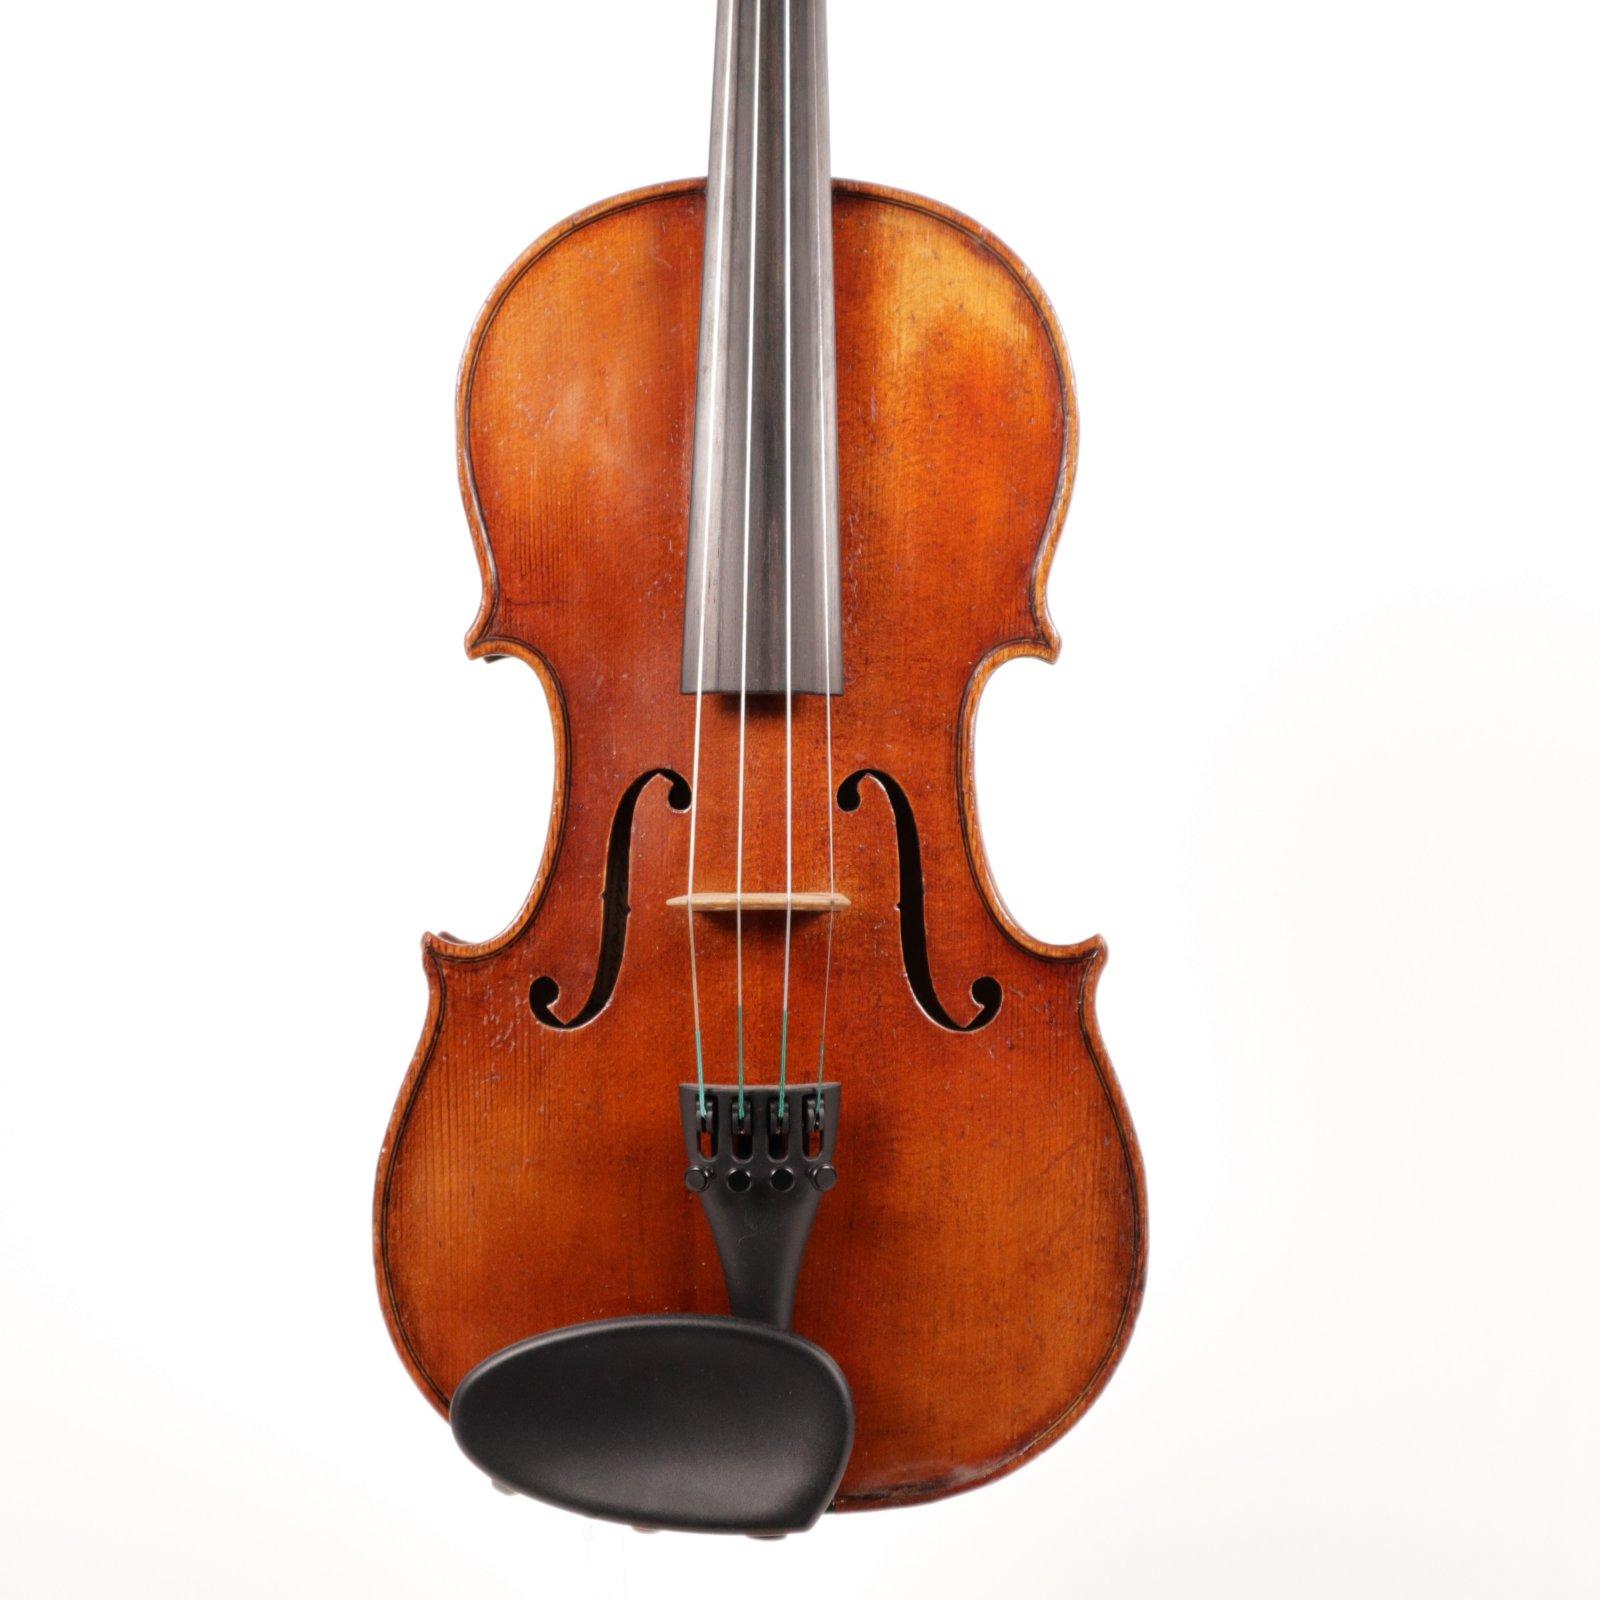 3/4 Enrico Robella Milano 1954 Violin